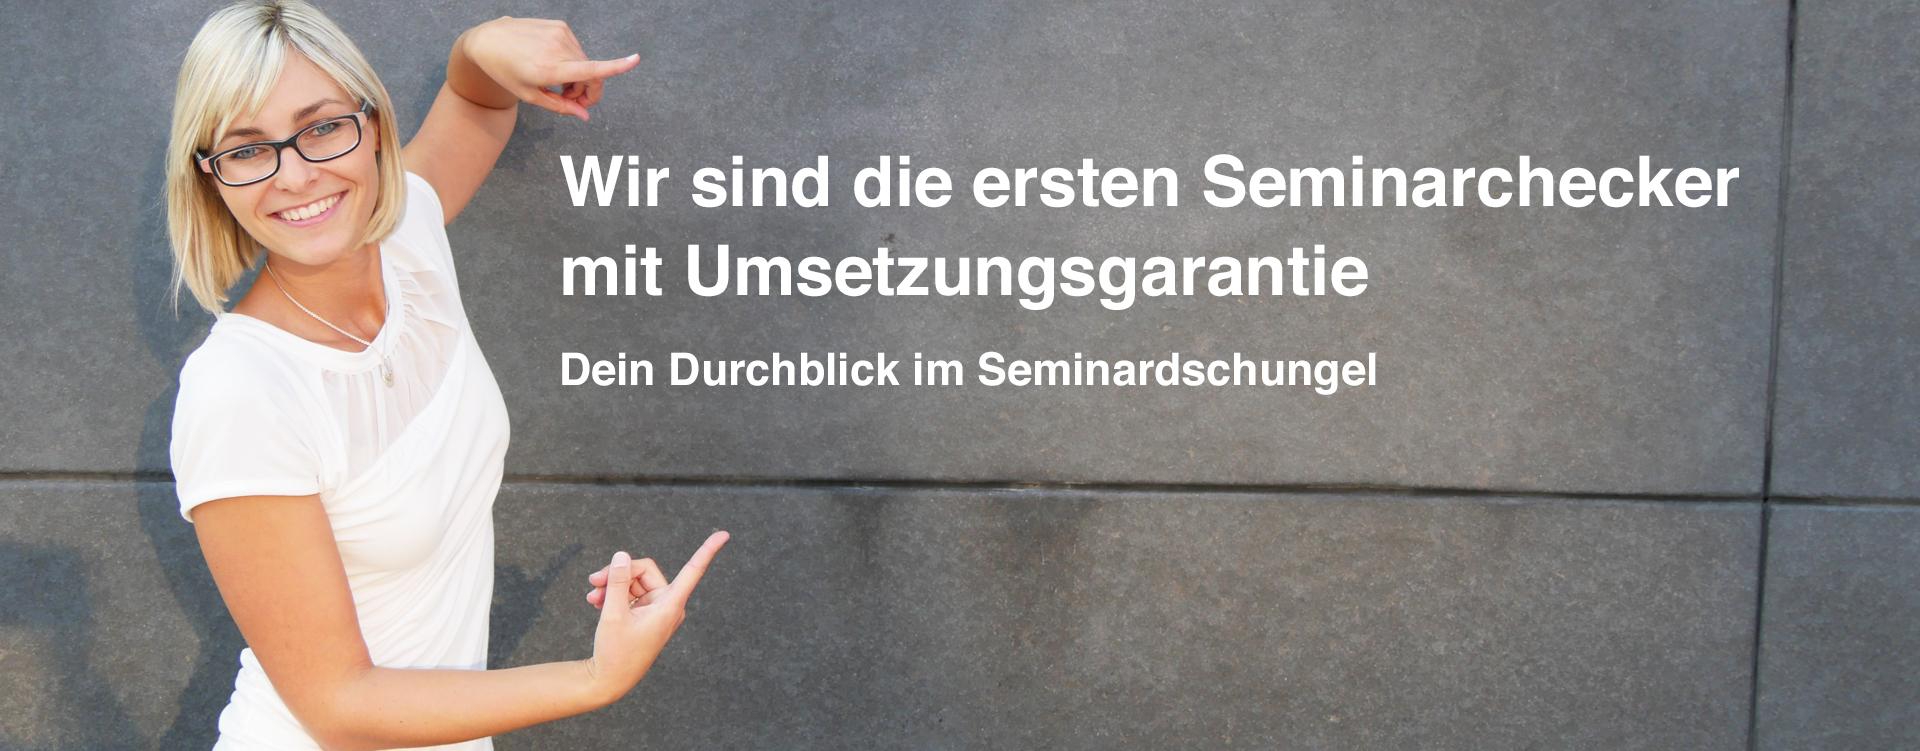 seminar-persönlichkeitsentwicklung-header